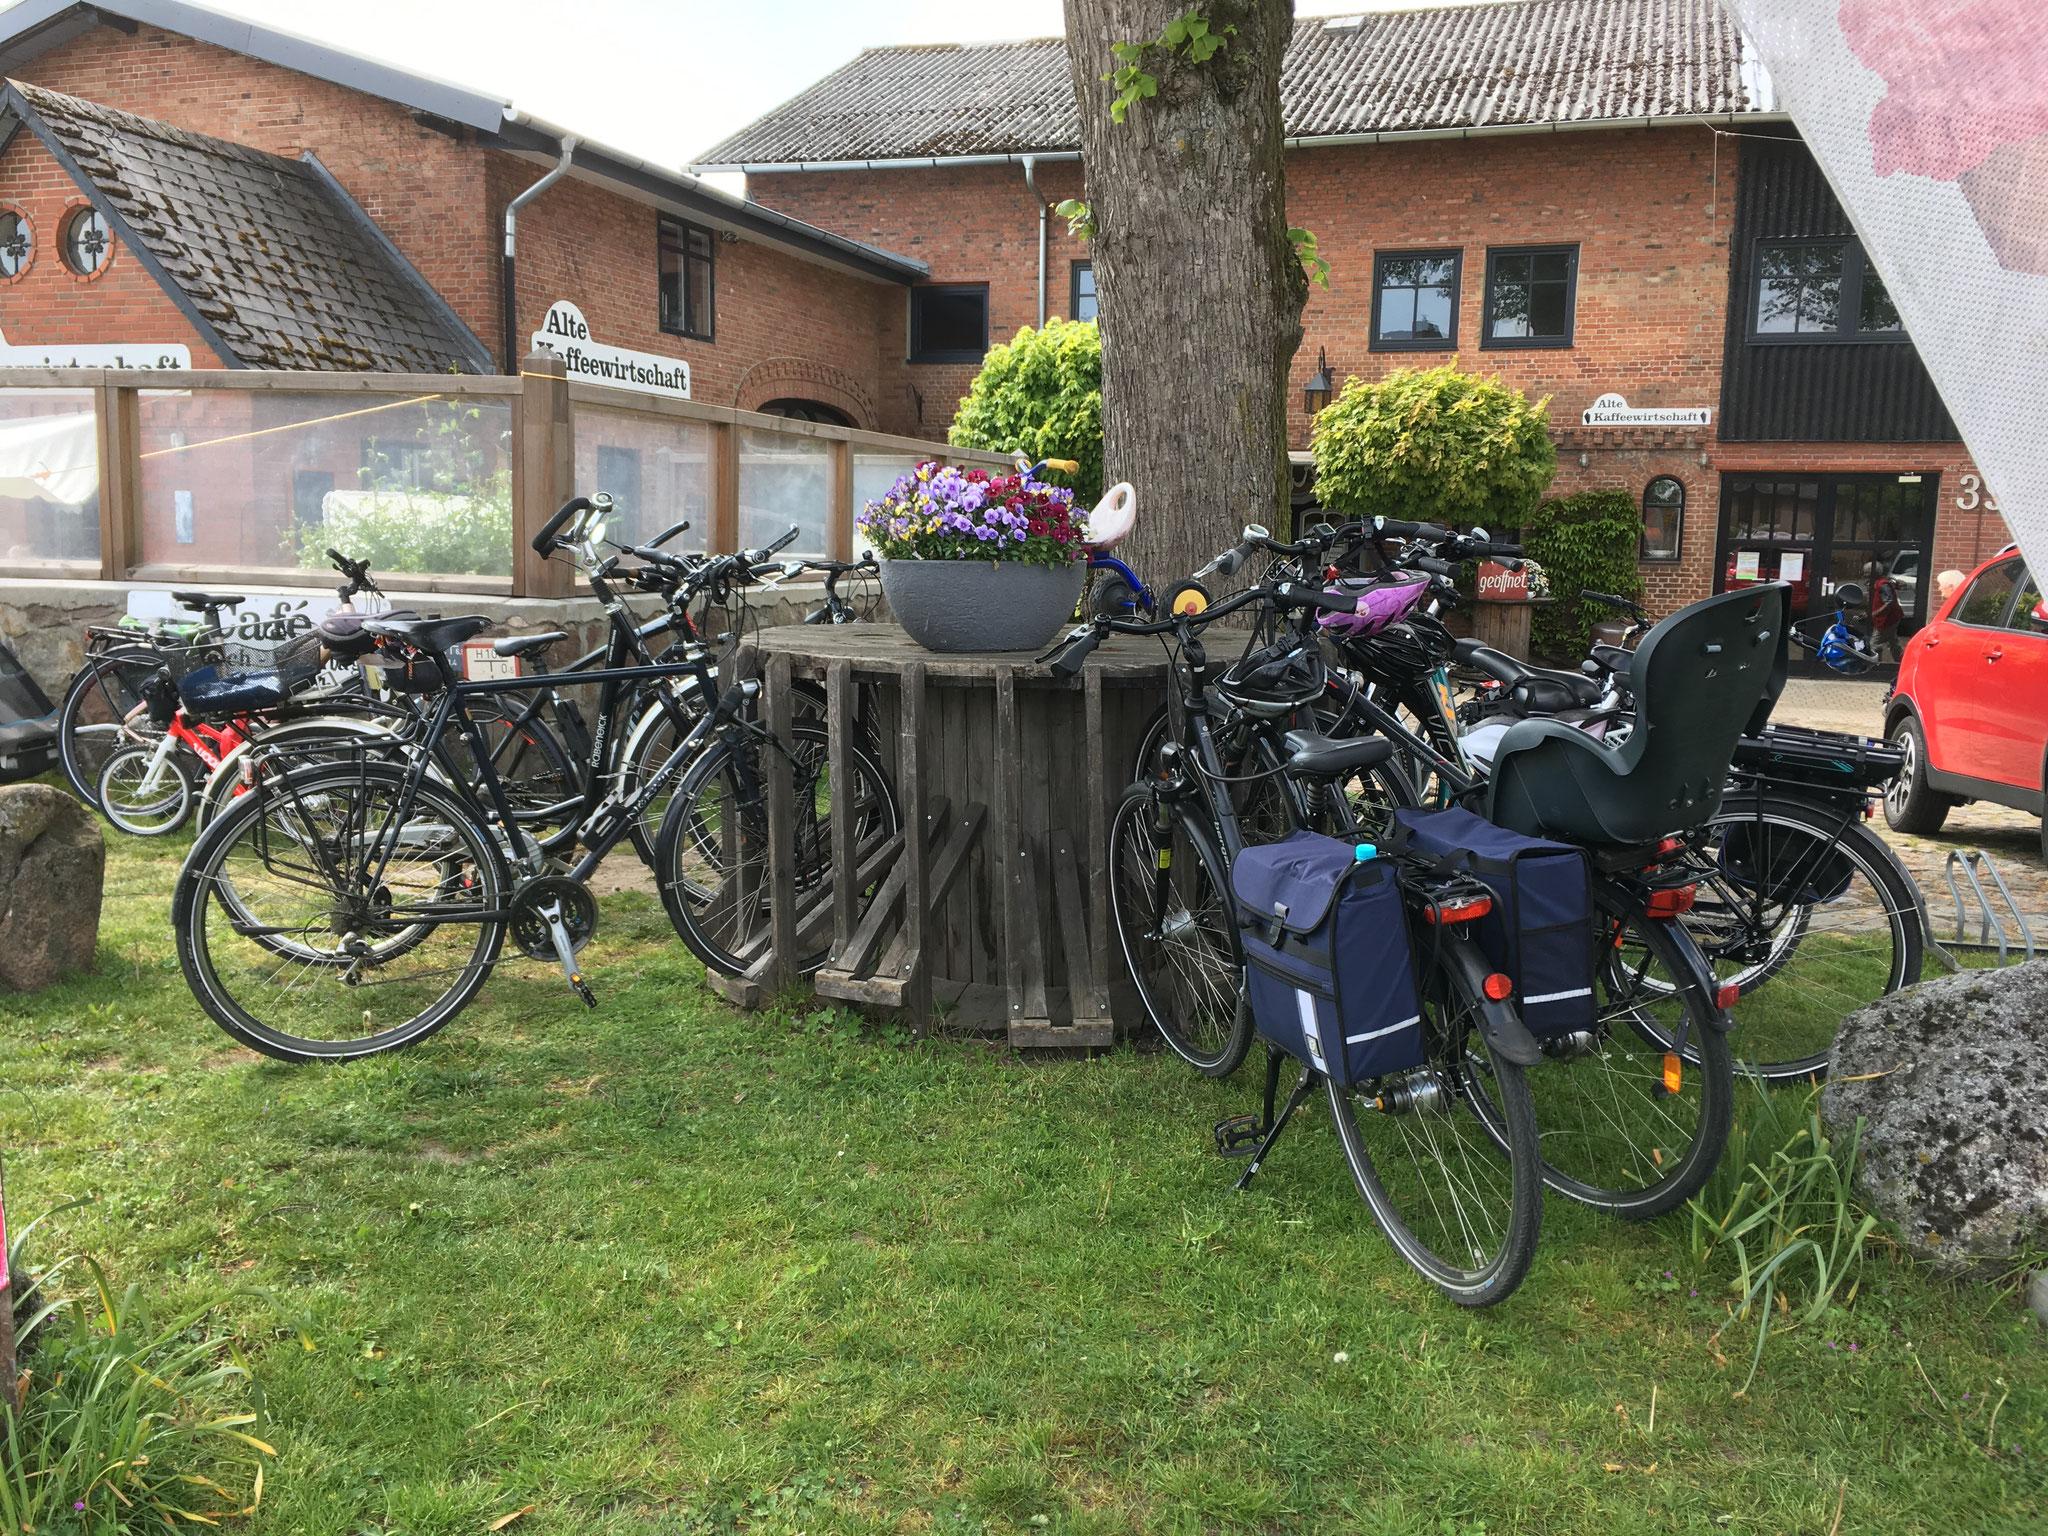 Voller Fahrradständer